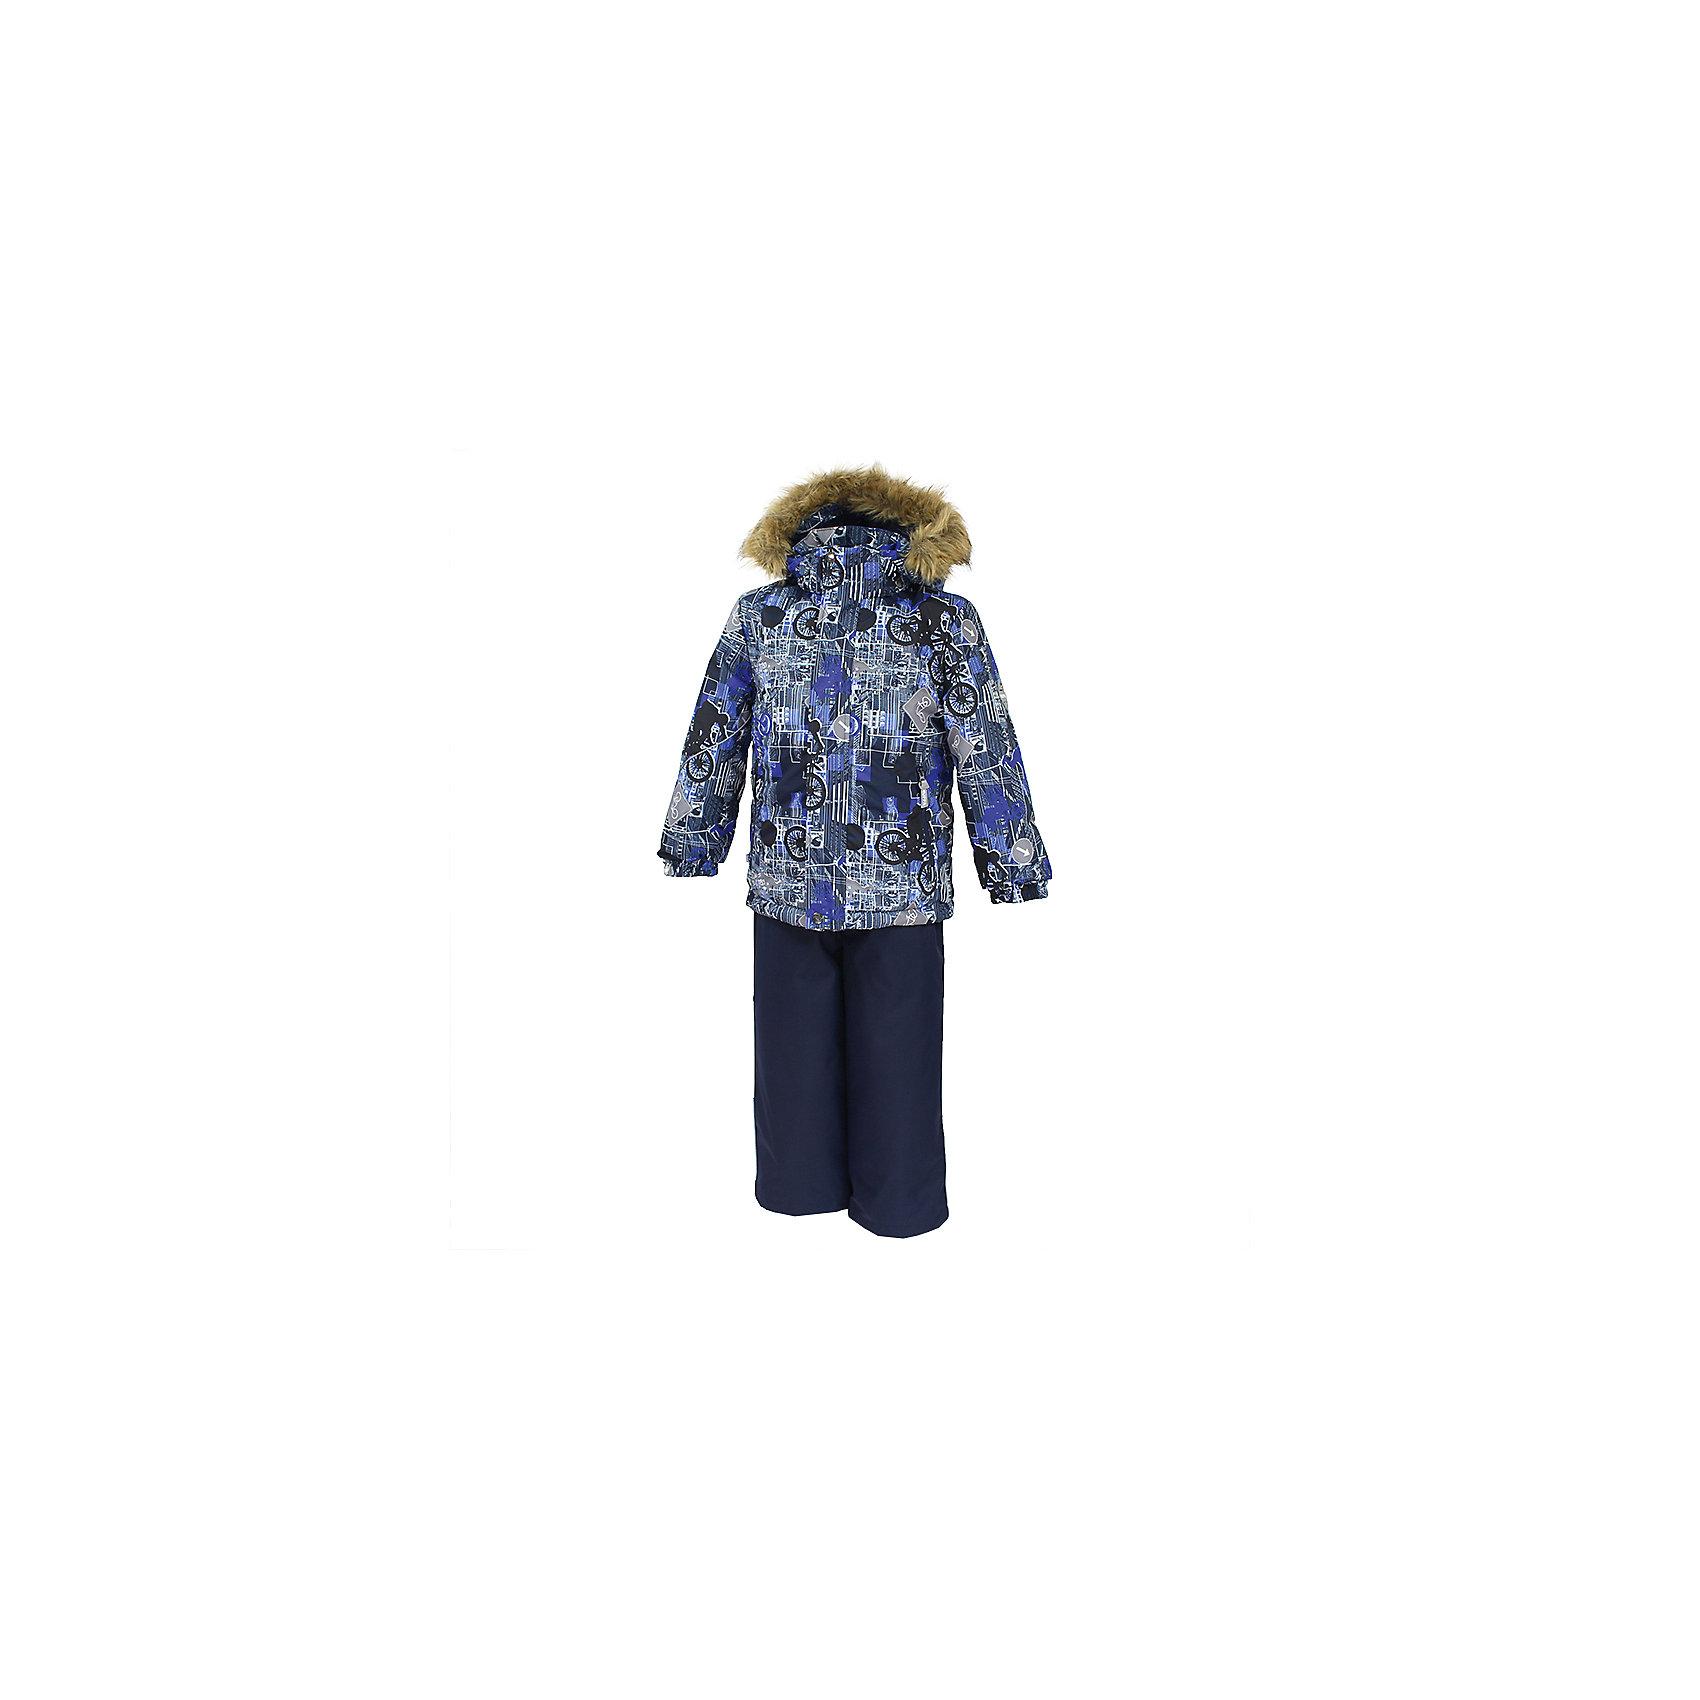 Комплект: куртка и брюки DANTE 1 HuppaКомплекты<br>Характеристики товара:<br><br>• модель: Dante 1;<br>• цвет: синий принт/синий;<br>• состав: 100% полиэстер;<br>• утеплитель: нового поколения HuppaTherm, 300 гр куртка / 160гр полукомбинезон;<br>• подкладка: полиэстер: тафта, pritex;<br>• сезон: зима;<br>• температурный режим: от -5 до - 30С;<br>• водонепроницаемость: 10000 мм  ;<br>• воздухопроницаемость: 10000 г/м2/24ч;<br>• особенности модели: c рисунком; с мехом на капюшоне;<br>• плечевые швы и шаговый шов проклеены и не пропускают влагу;<br>• в куртке застежка молния, прикрыта планкой;<br>• низ куртки стягивается кулиской, что помогает предотвращать попадание снега внутрь;<br>• в полукомбинезоне застежка молния;<br>• эластичные подтяжки регулируются по длине;<br>• низ брюк затягивается на шнурок с фиксатором;<br>• снегозащитные манжеты на штанинах<br>• безопасный капюшон крепится на кнопки и, при необходимости, отстегивается;<br>• искусственный мех на капюшоне съемный;<br>• светоотражающие элементы для безопасности ребенка ;<br>• внутренний и боковые карманы застегиваются на молнию;<br>• манжеты рукавов эластичные, на резинках; <br>• страна бренда: Финляндия;<br>• страна изготовитель: Эстония.<br><br>Зимний комплект Dante 1 - это отличный вариант для холодной зимы.. Утеплитель HuppaTherm - высокотехнологичный легкий синтетический утеплитель нового поколения. Сохраняет объем и высокую теплоизоляцию изделия. Легко стирается и быстро сохнет. Изделия HuppaTherm легкие по весу, комфортные и теплые.<br><br>Мембрана препятствует прохождению воды и ветра сквозь ткань внутрь изделия, позволяя испаряться выделяемой телом, образовывающейся внутри влаге. Прочная ткань: сплетения волокон в тканях выполнены по специальной технологии, которая придаёт ткани прочность и предохранят от истирания.Подкладка —полиэстер: тафта, pritex.<br><br>Функциональные элементы: Куртка: капюшон и мех отстегивается,  застежка молния, прикрыта планкой, манжеты на резинке, светоотражающие элементы